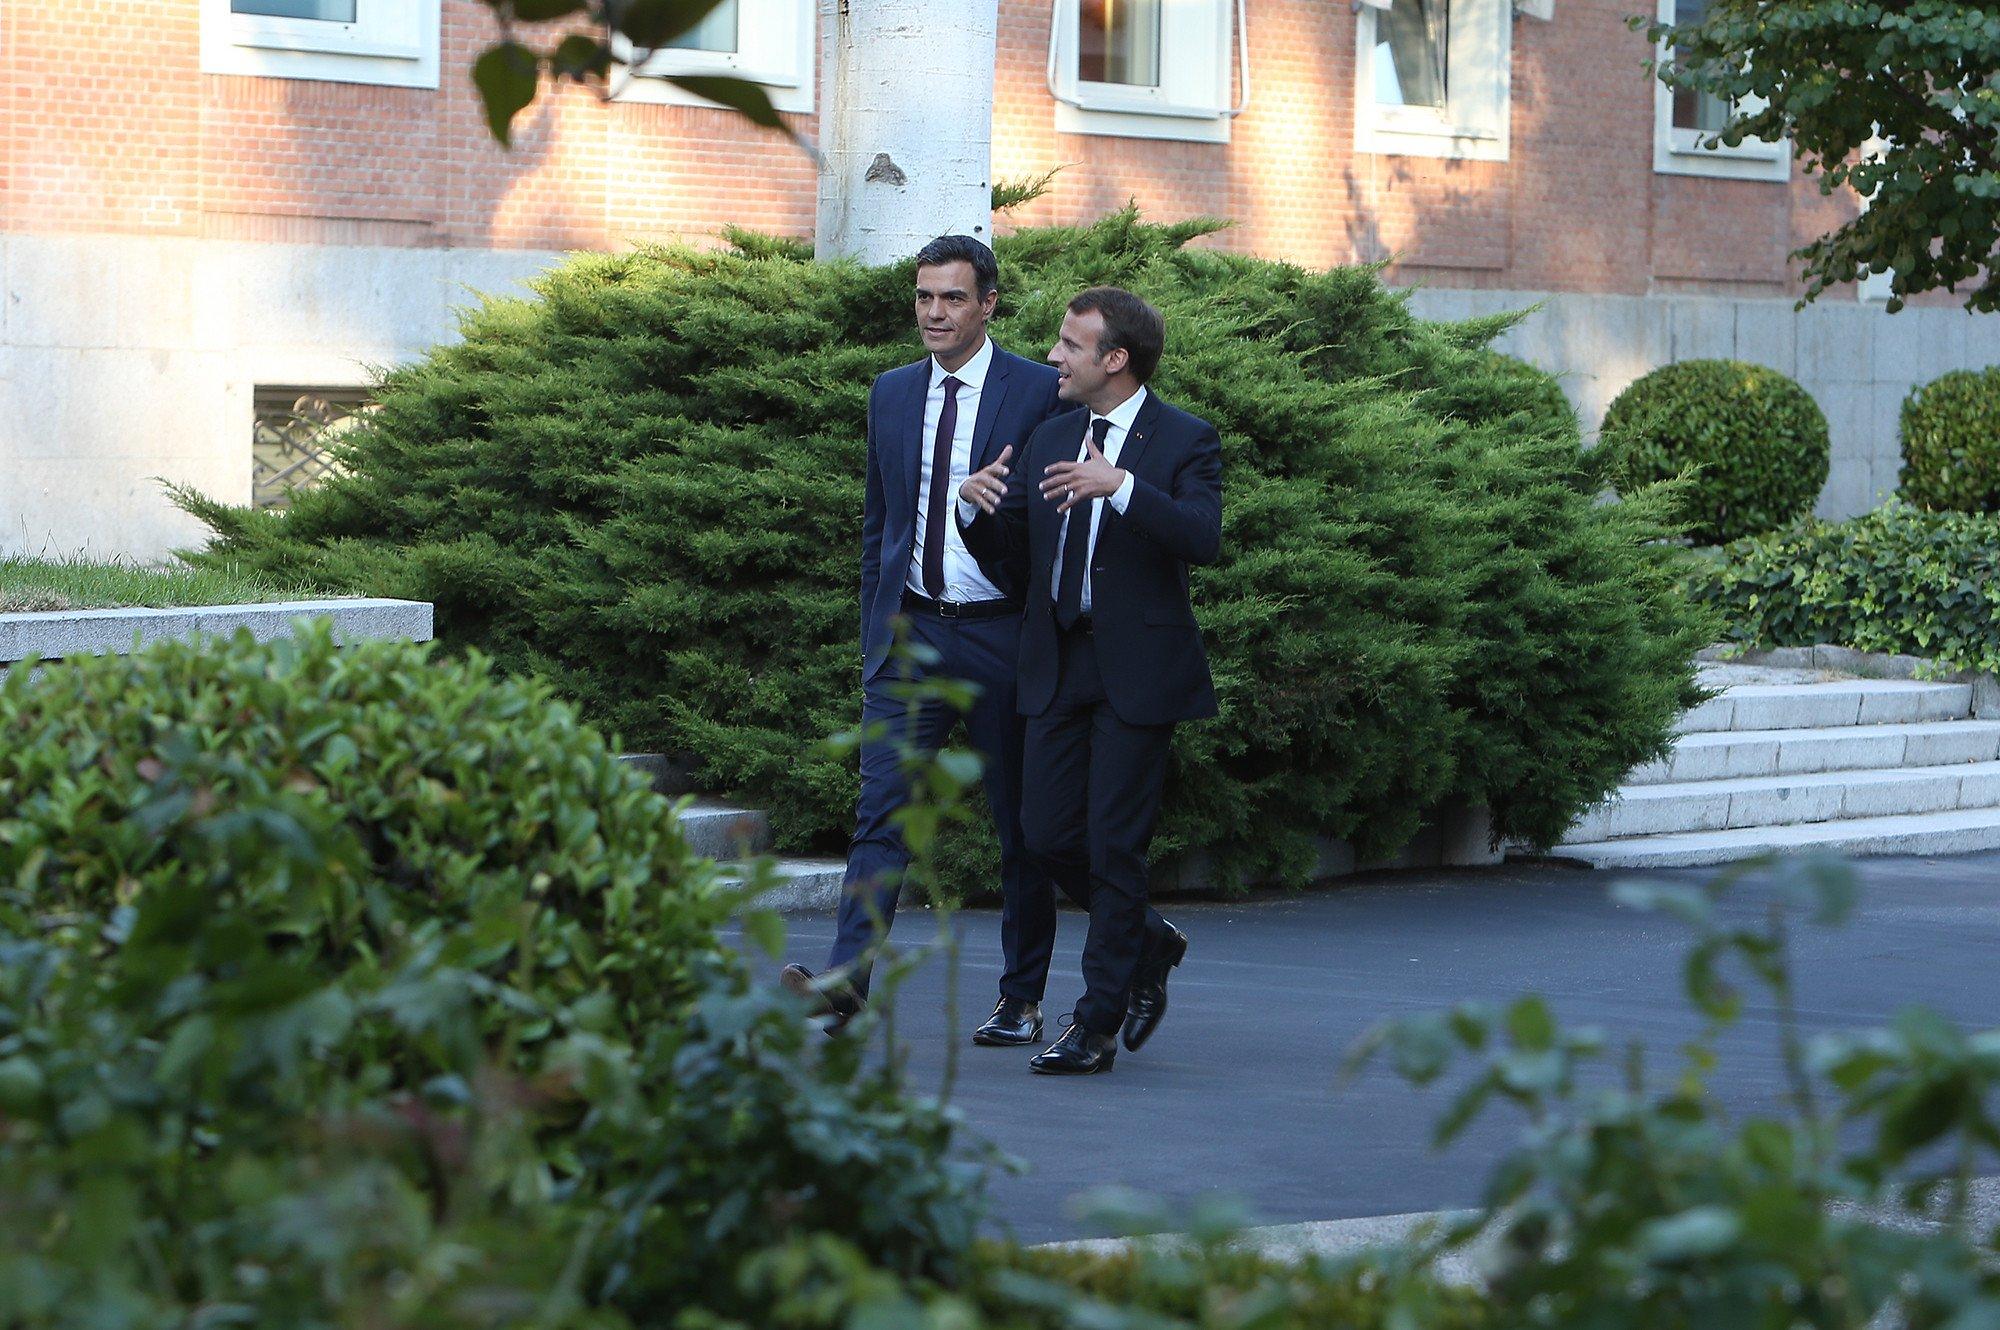 El bobalicón de Pedro Sánchez pensó que Macron le ayudaría ascender como líder europeo